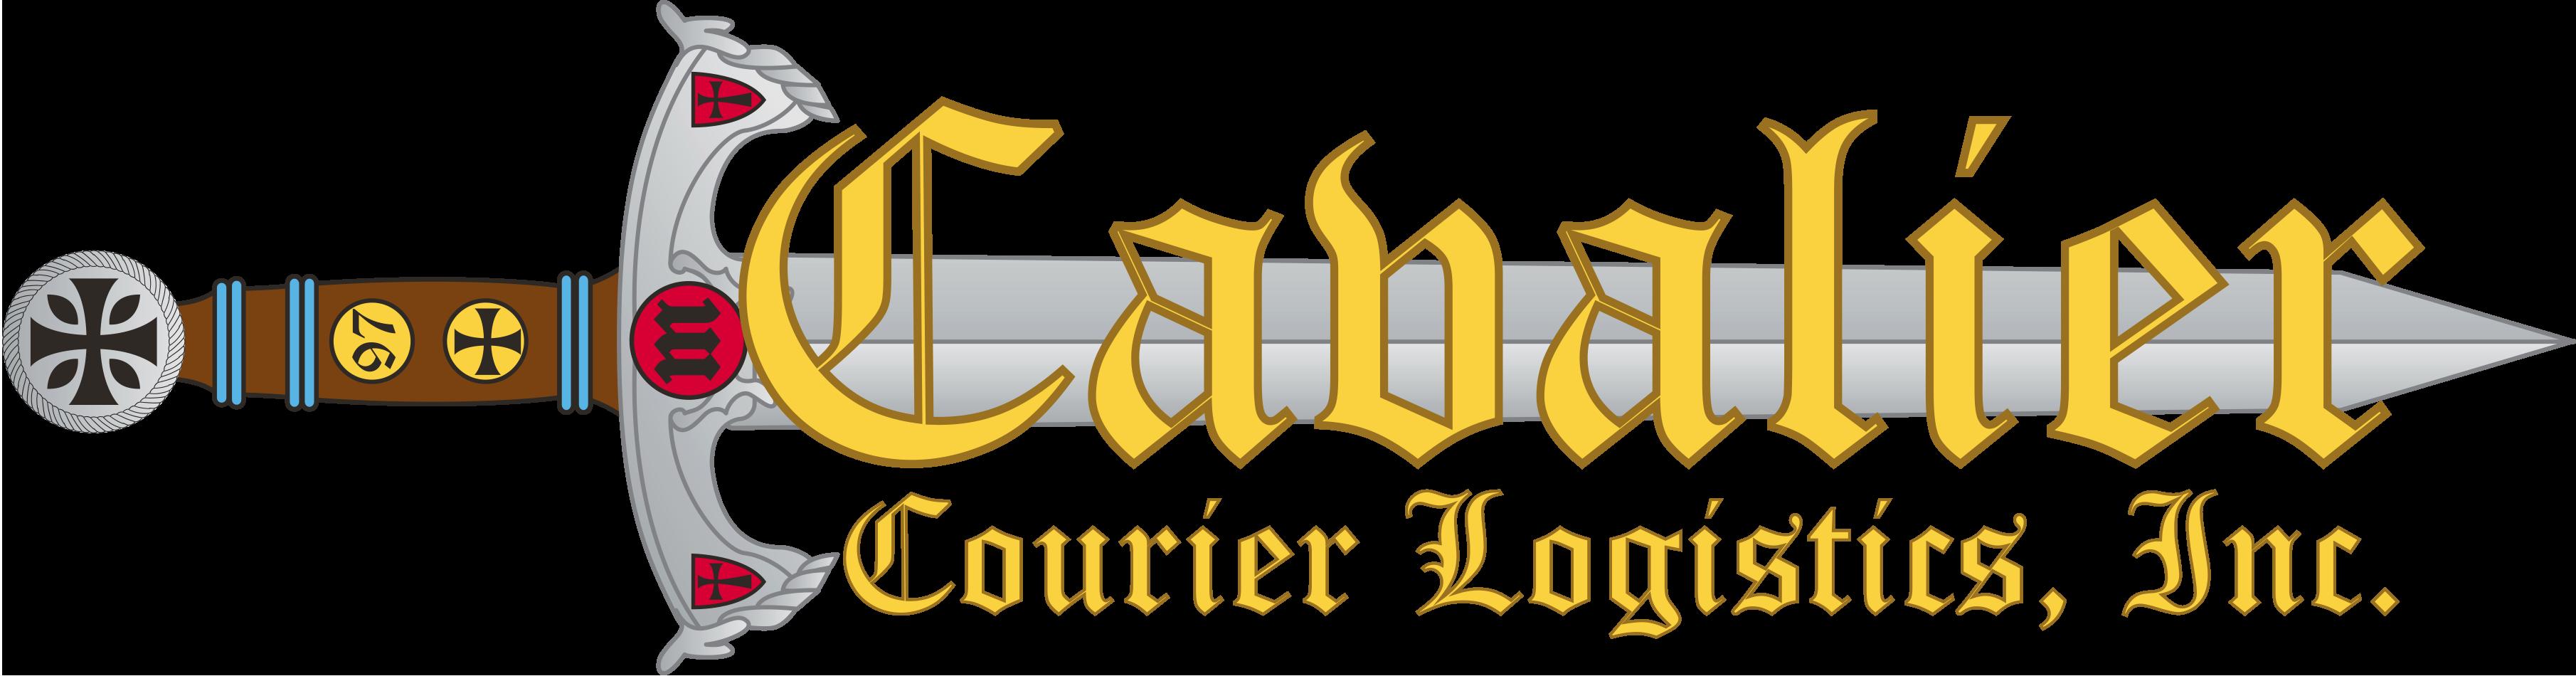 Cavalier Courier Logistics